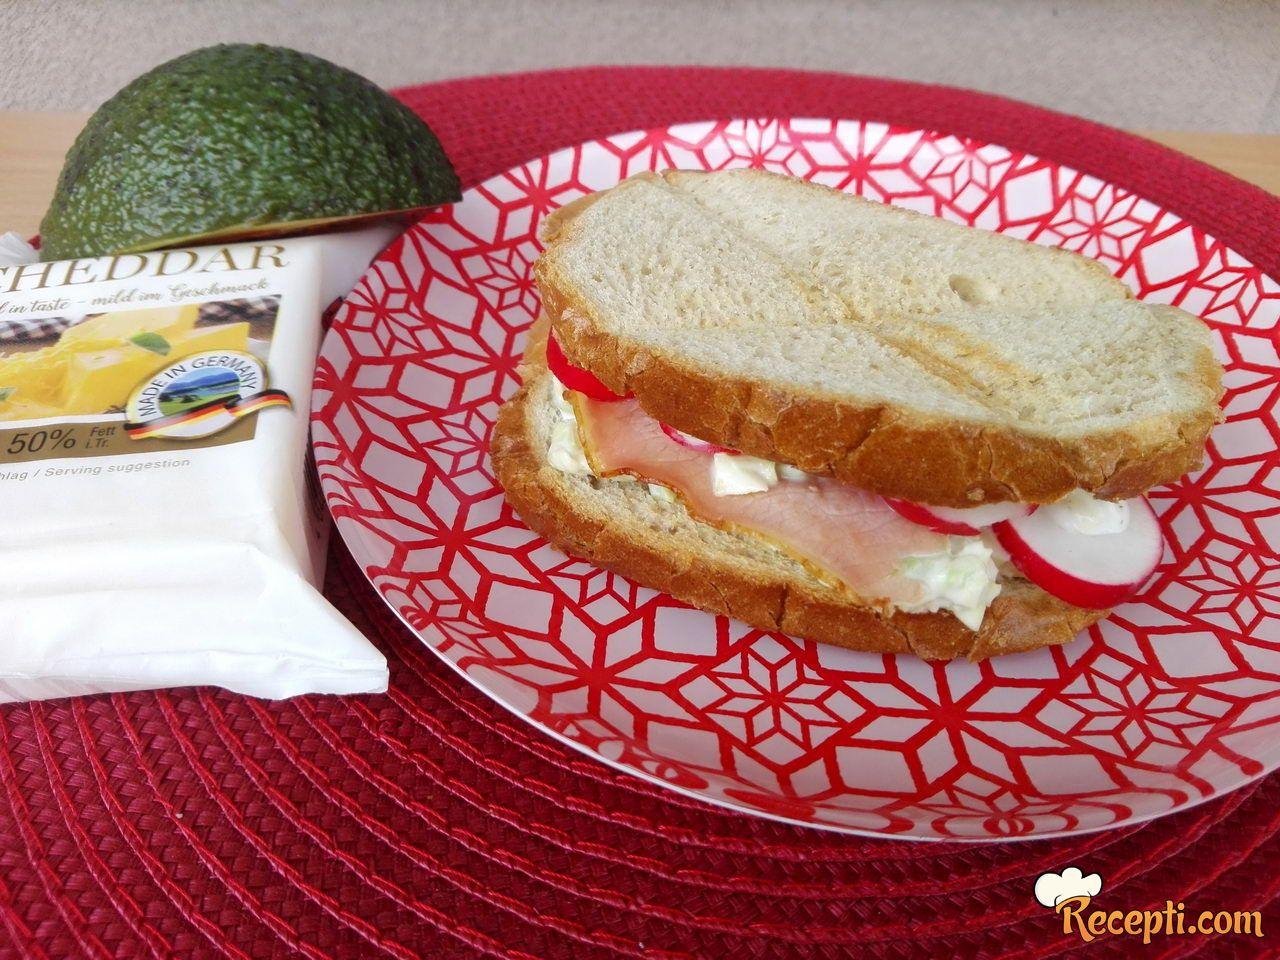 Sendviči sa avokadom, pršutom i cheddar sirom